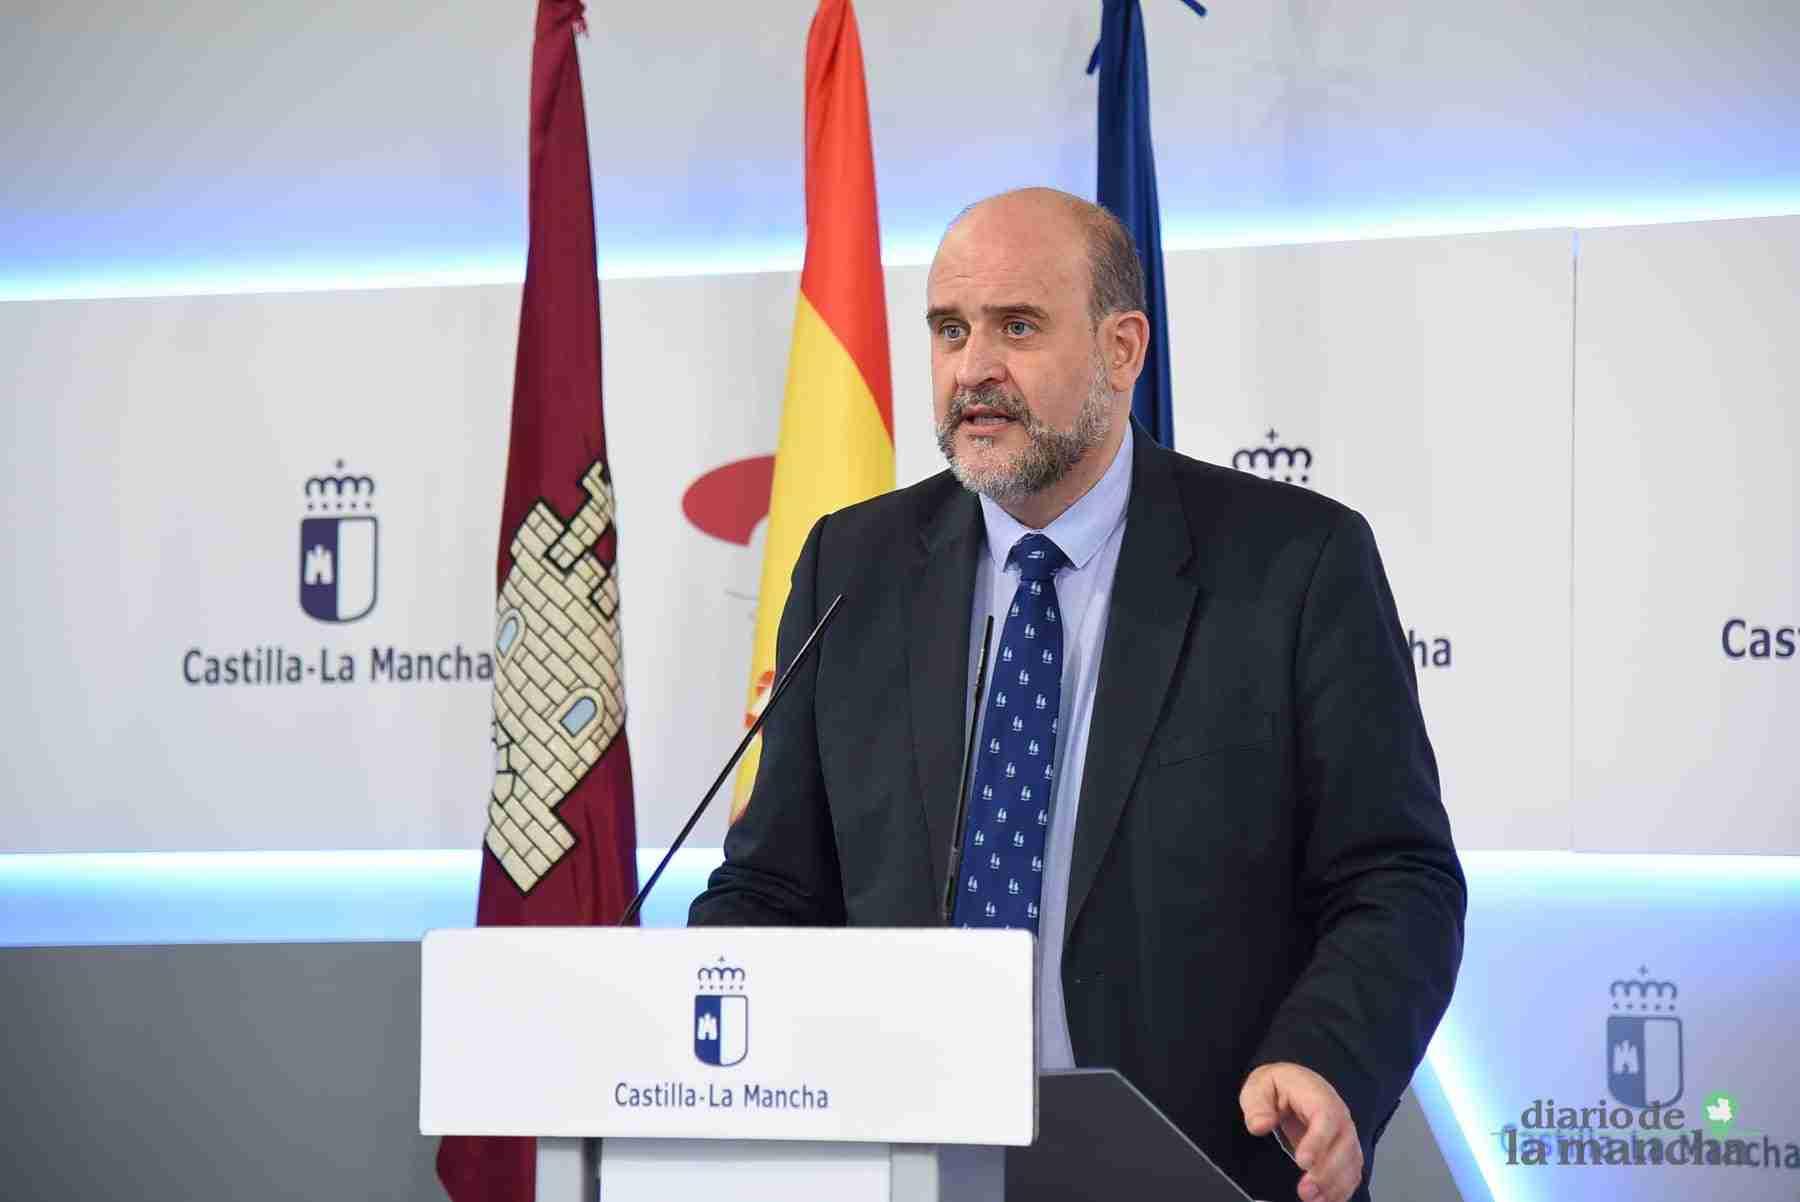 Videoconferencia de los presidentes autonómicos con el presidente del Gobierno de España 17